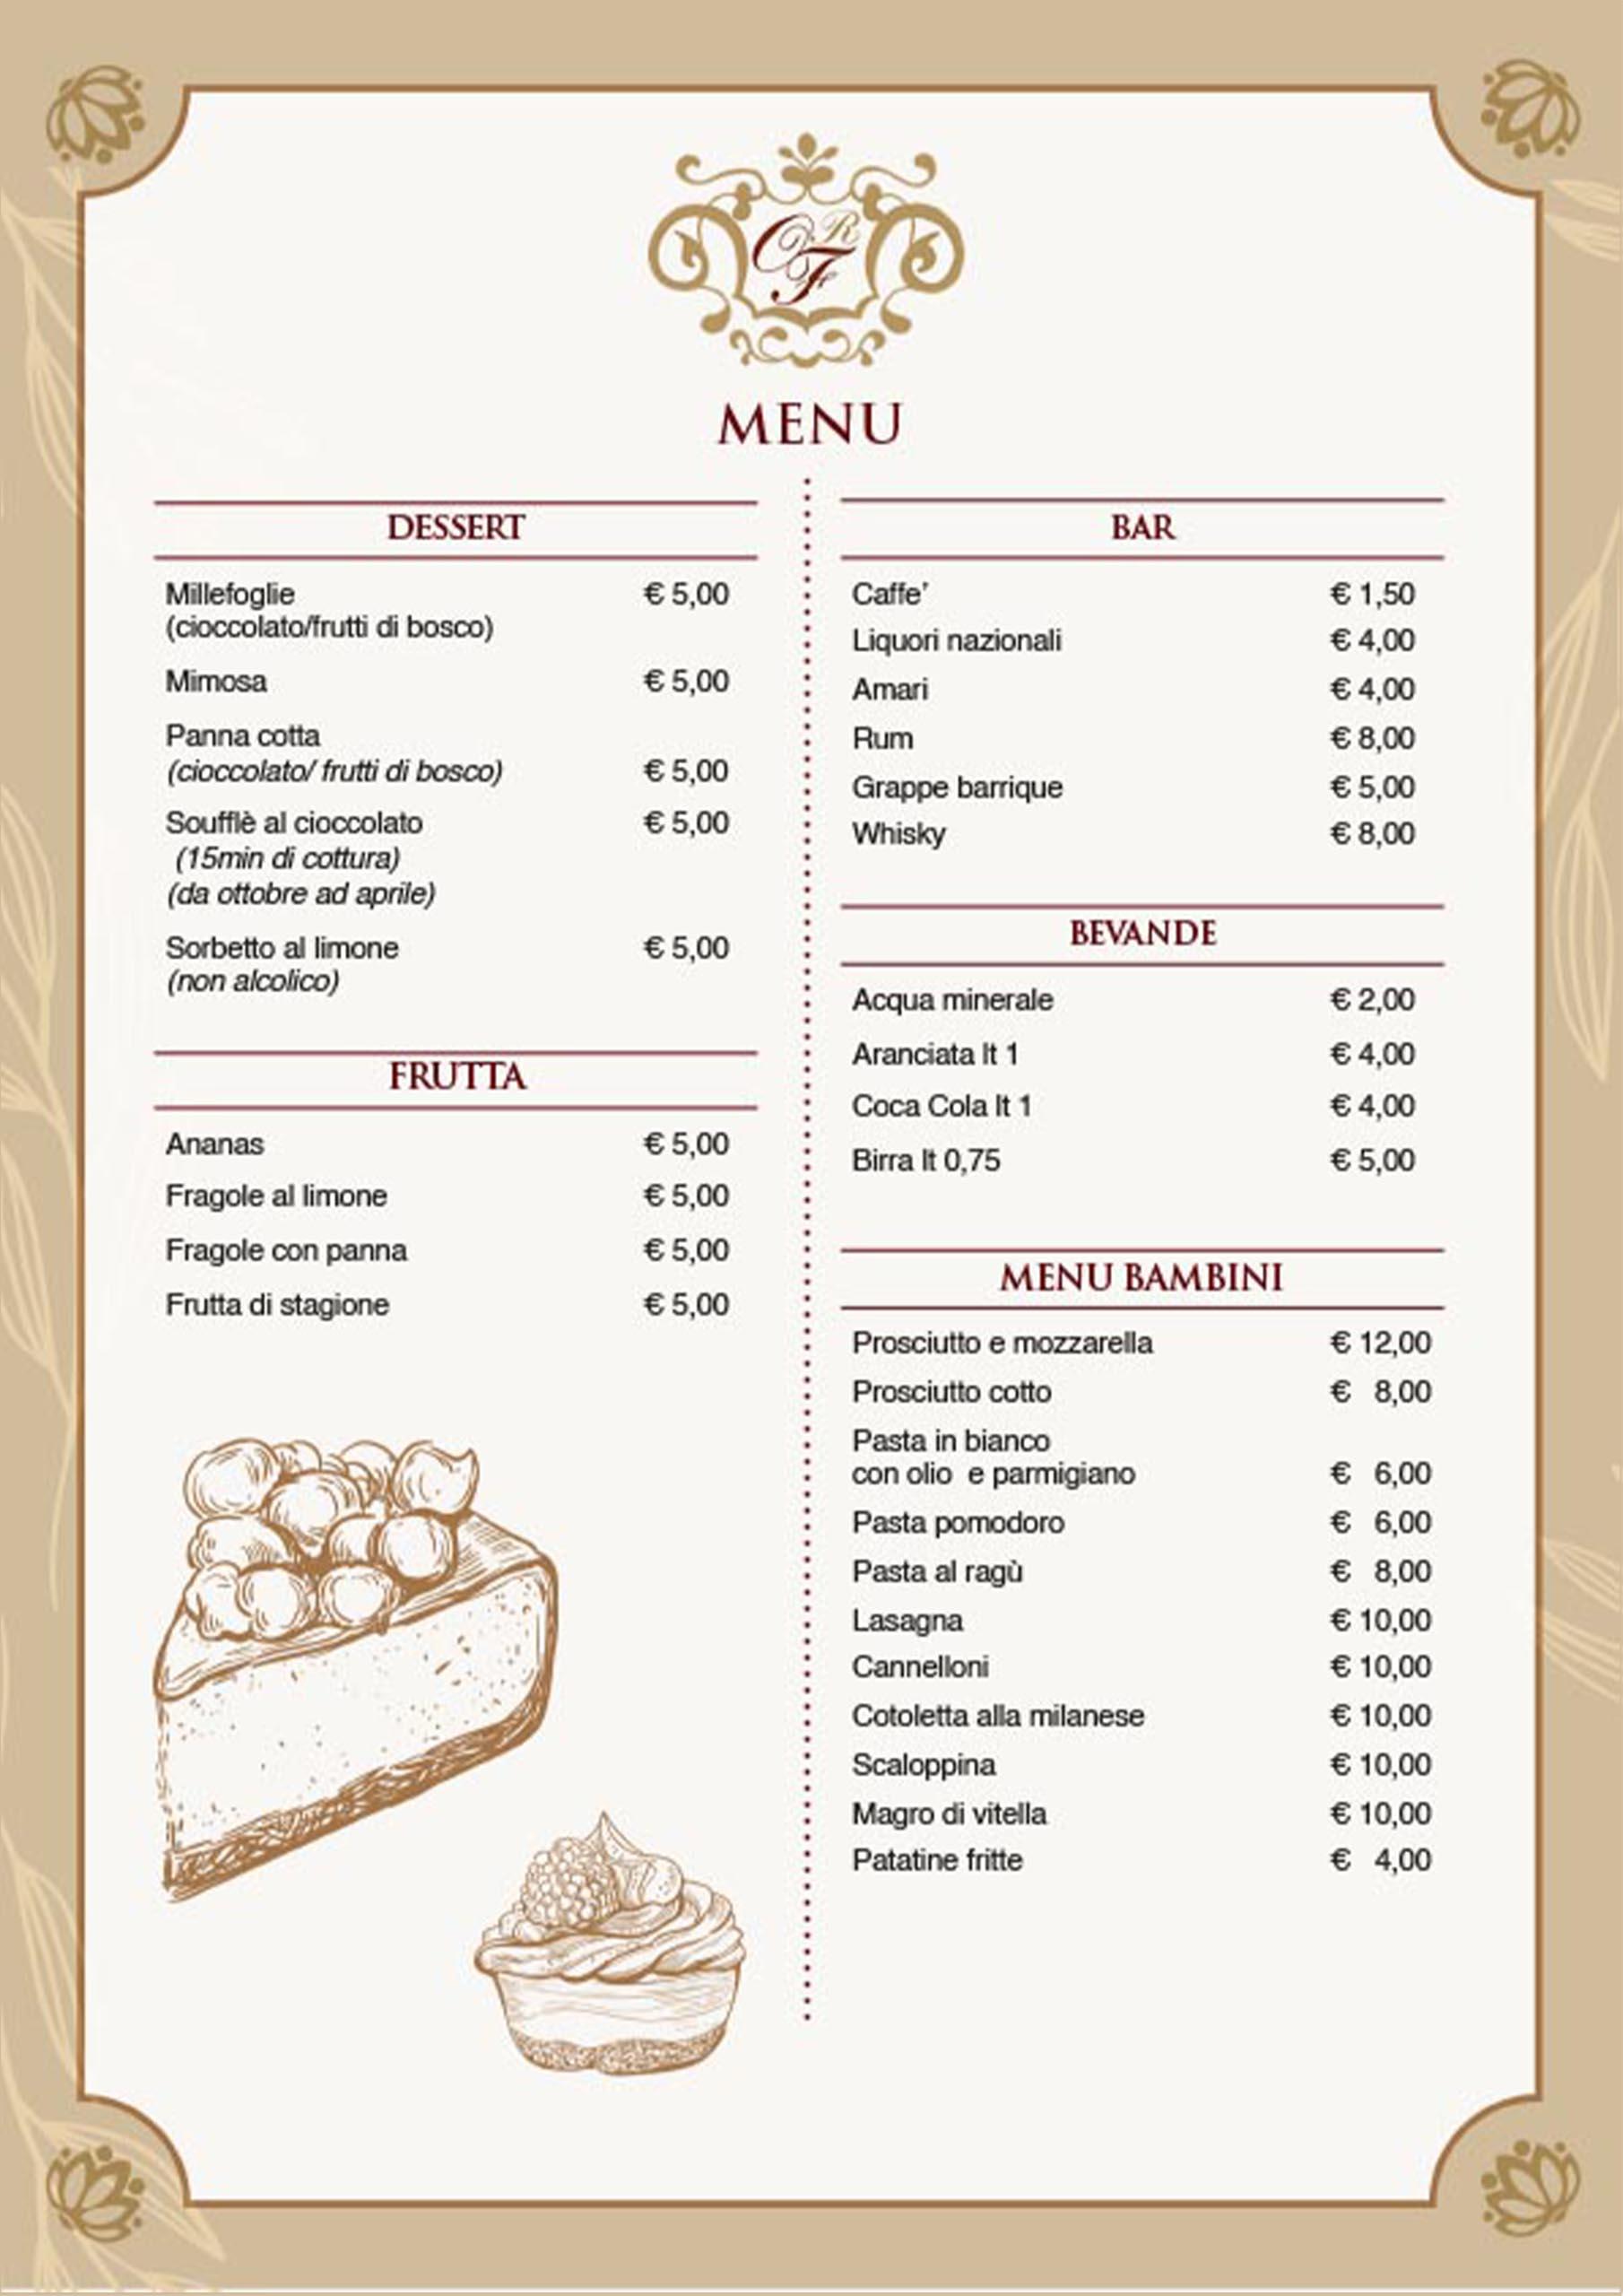 oasi_ristorante_menu_intero_luglio_2020_3